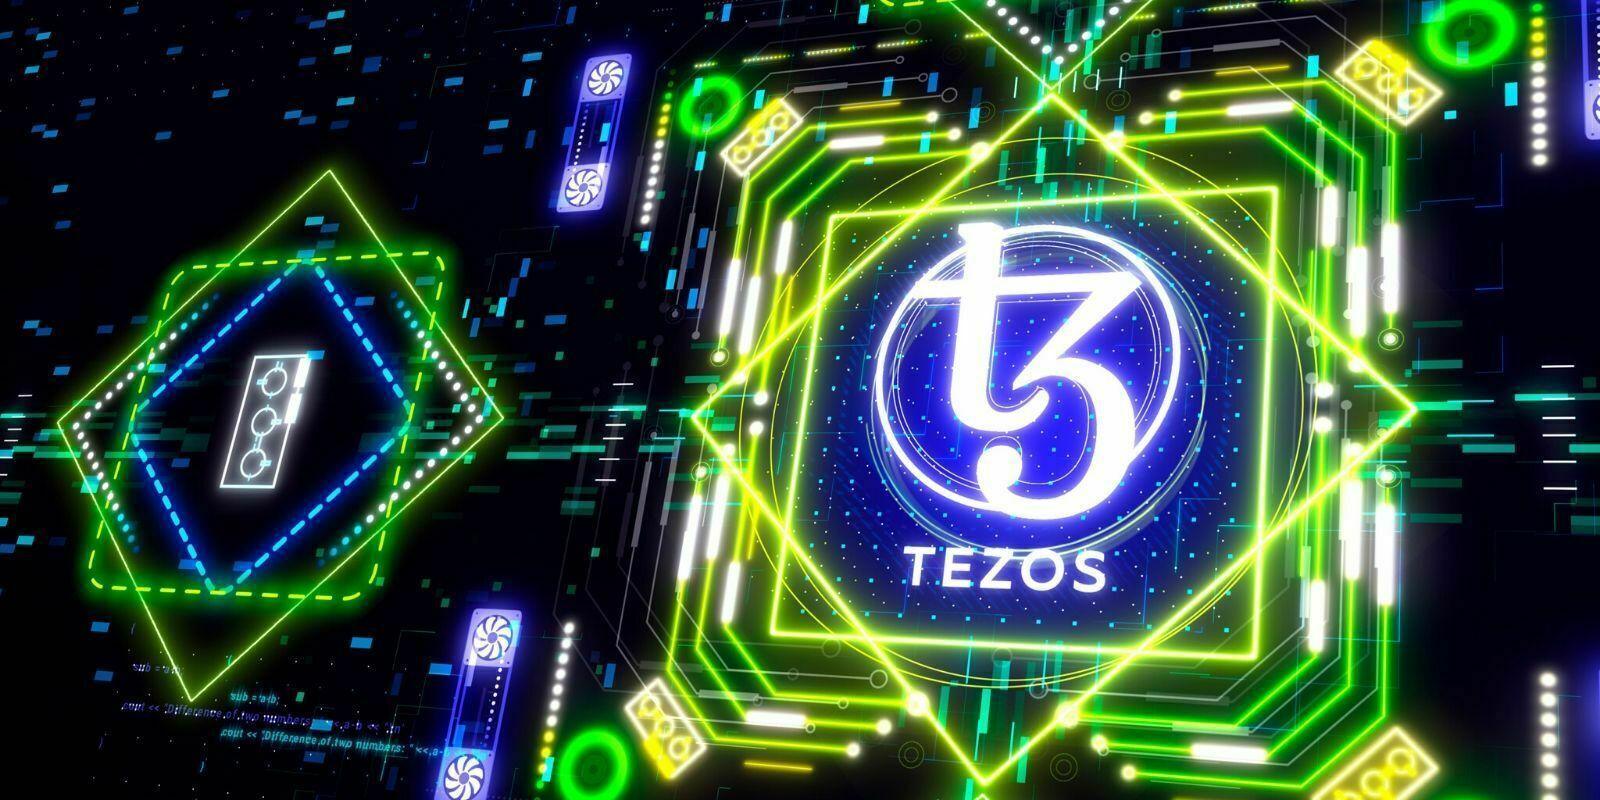 La fondation Tezos a octroyé 37 millions de dollars pour les développeurs de son écosystème